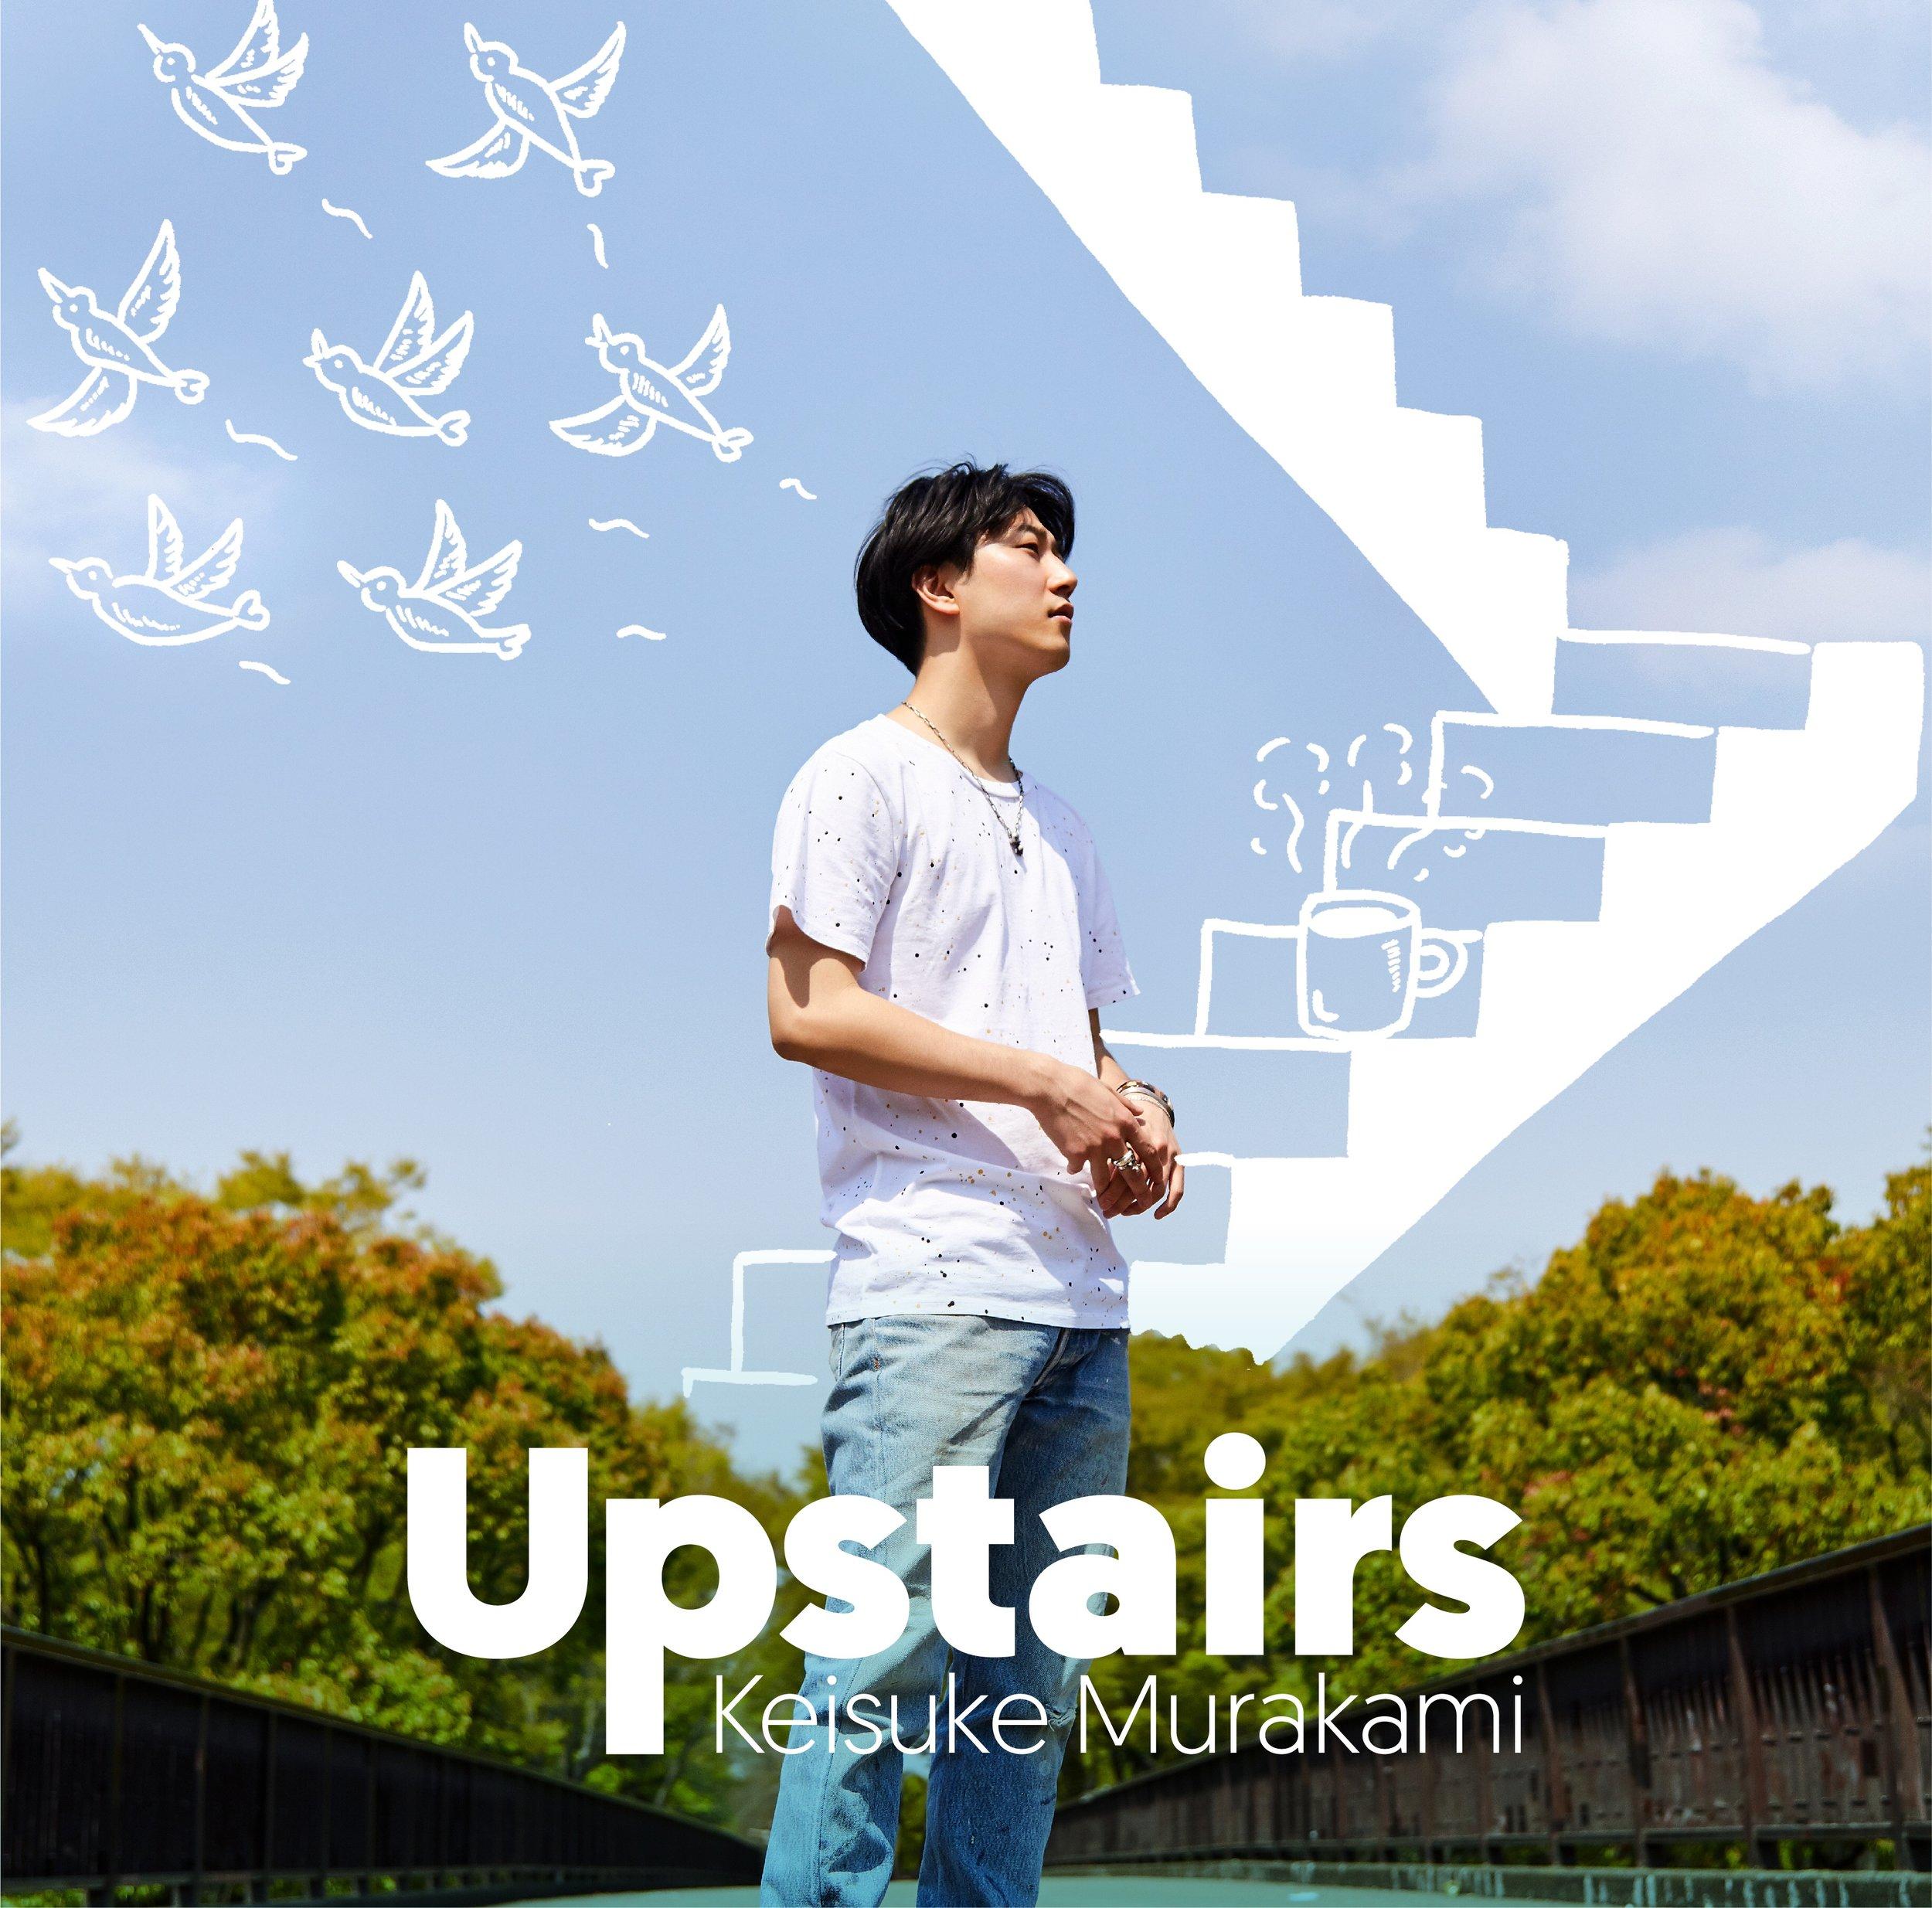 初回盤A Music Video「空に笑う」「ファンファーレ 村上佳佑xクリス・ハート」レコーディングおよびMusic Videoメイキング映像収録。